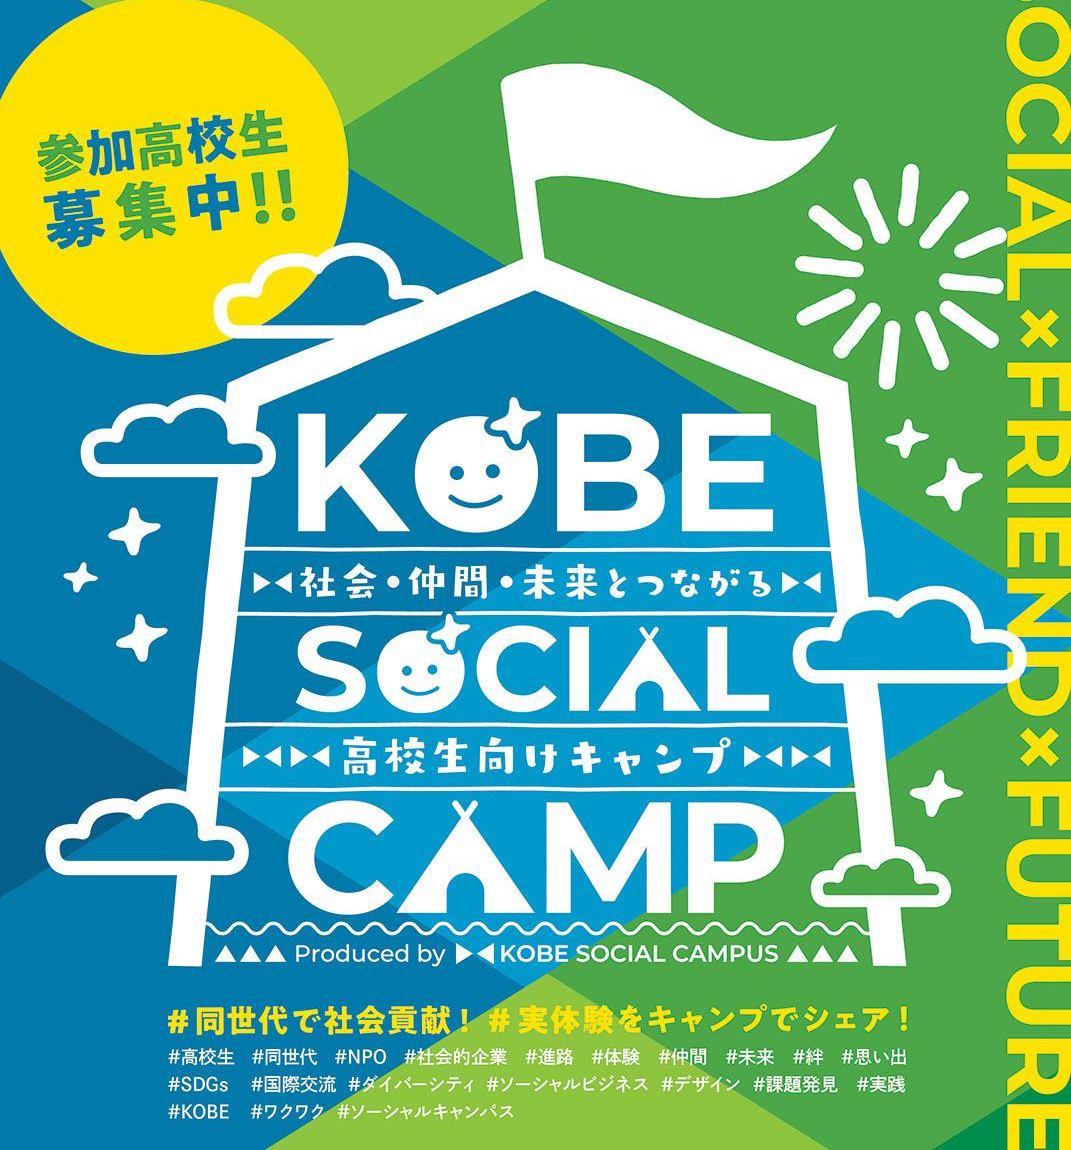 【3月27日~28日】「食」の社会問題について、同世代、大学生、社会起業家とシェア!神戸ソーシャルキャンプ参加者募集!